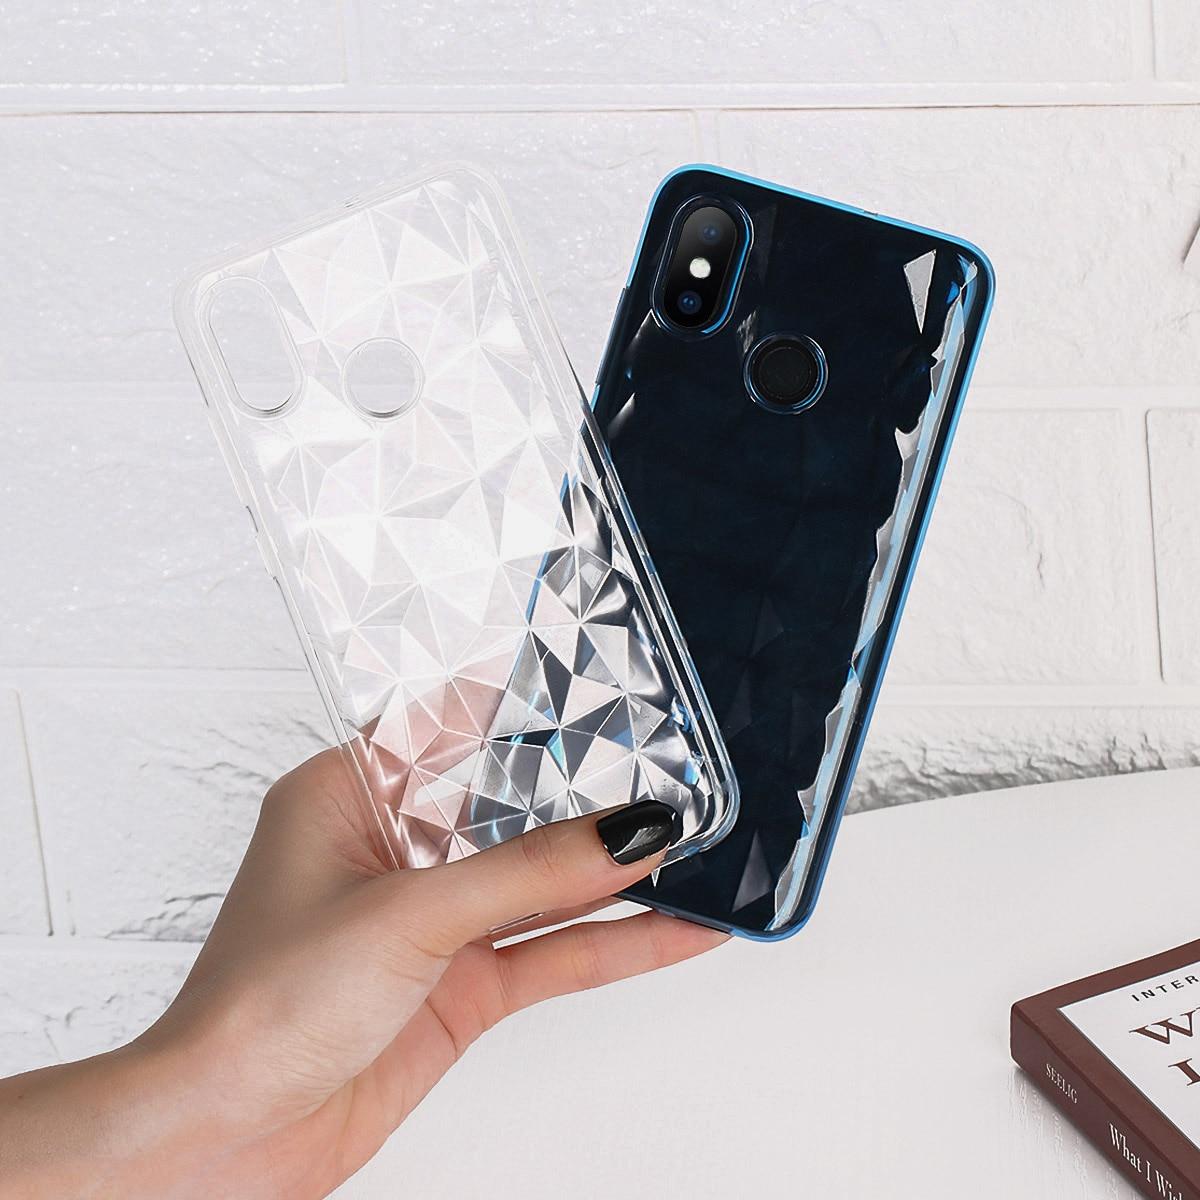 3D Diamond Phone Case For Xiaomi 8Lite 9 SE K20 PRO F1 9T Redmi 7 6 GO Note 5 6 Note8 Pro 4X 7A CC9 A3 Cover Soft Tpu